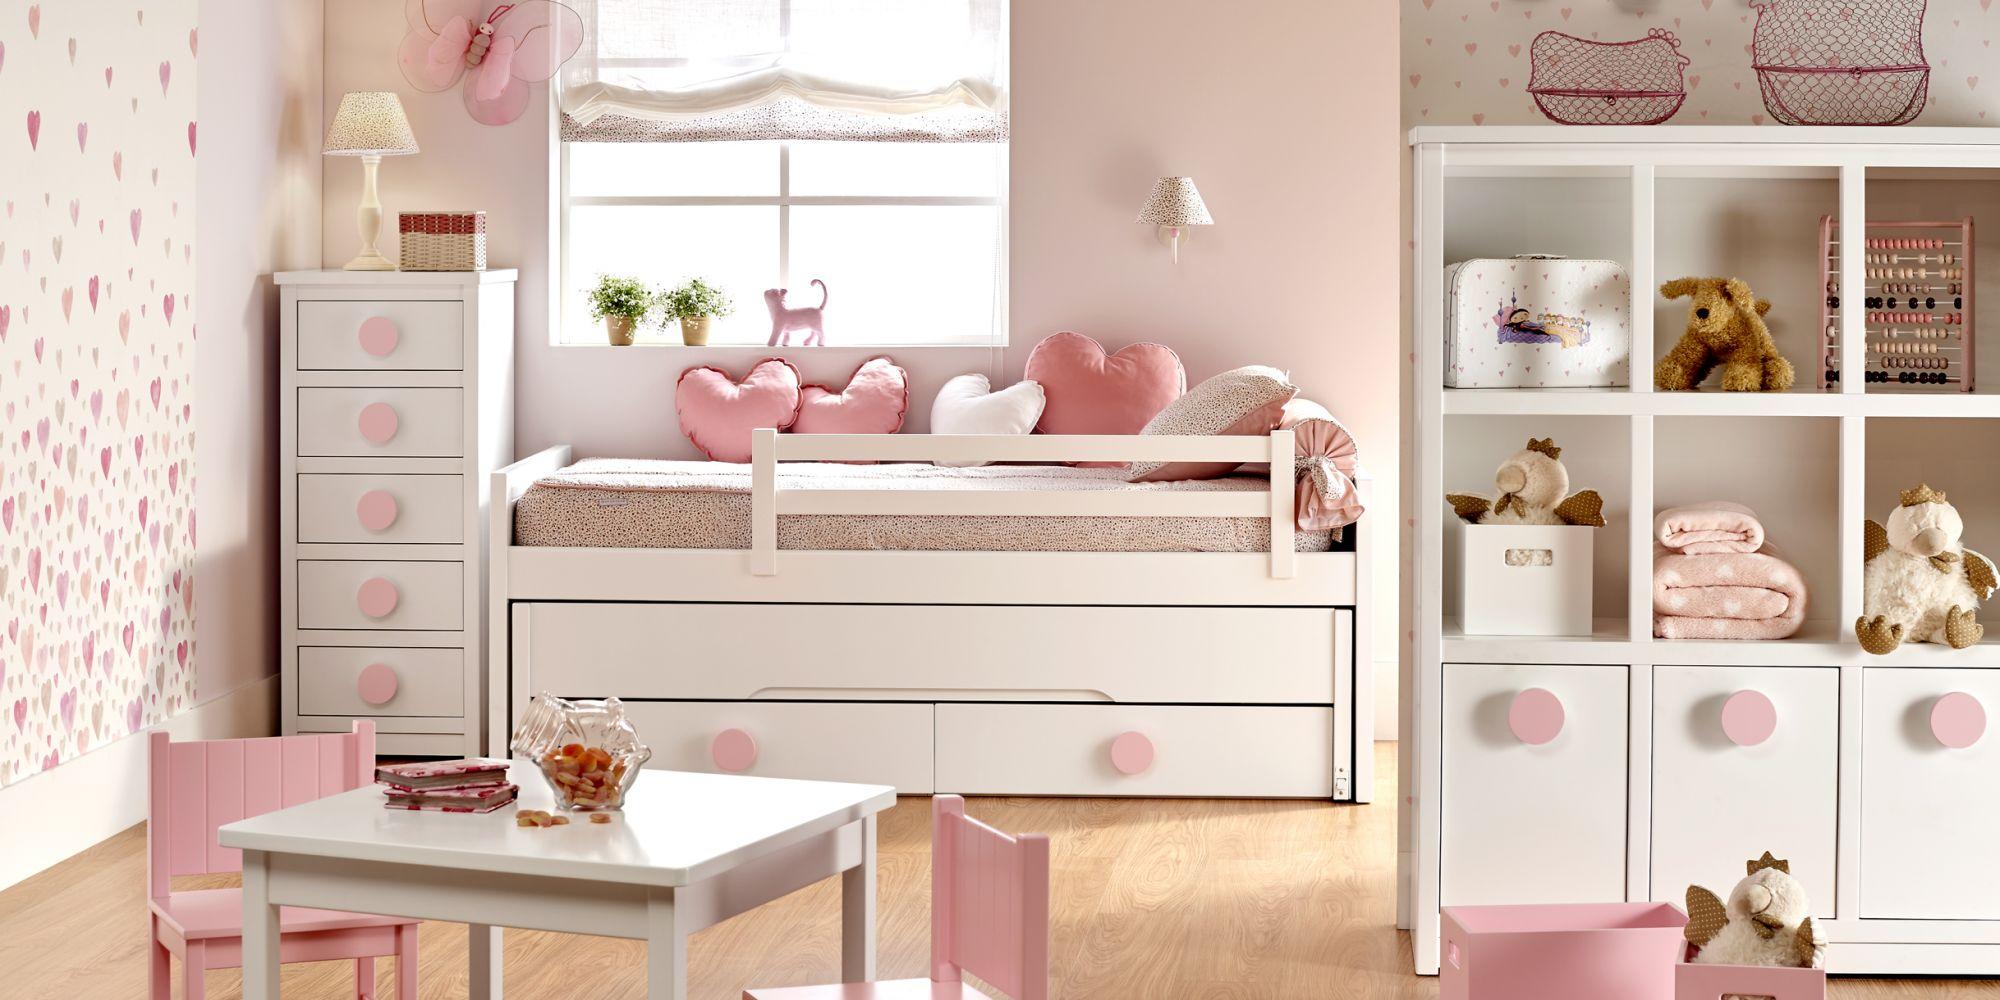 Amazing Minicompacto Y Chiffonier Para Habitación Infantil